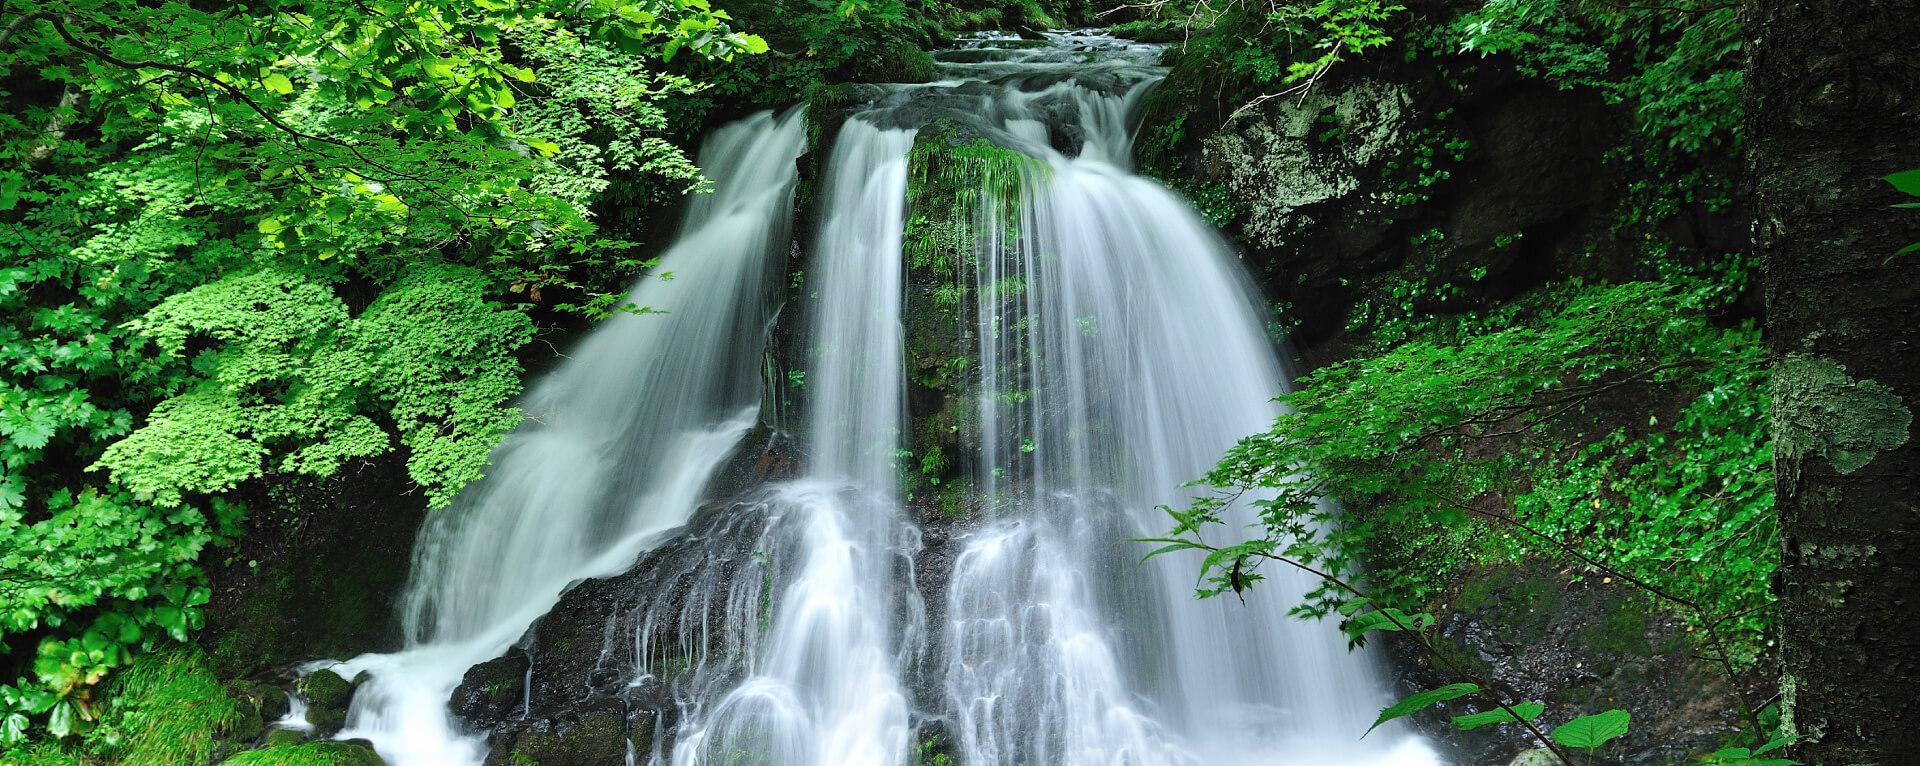 六ヶ所村内 滝